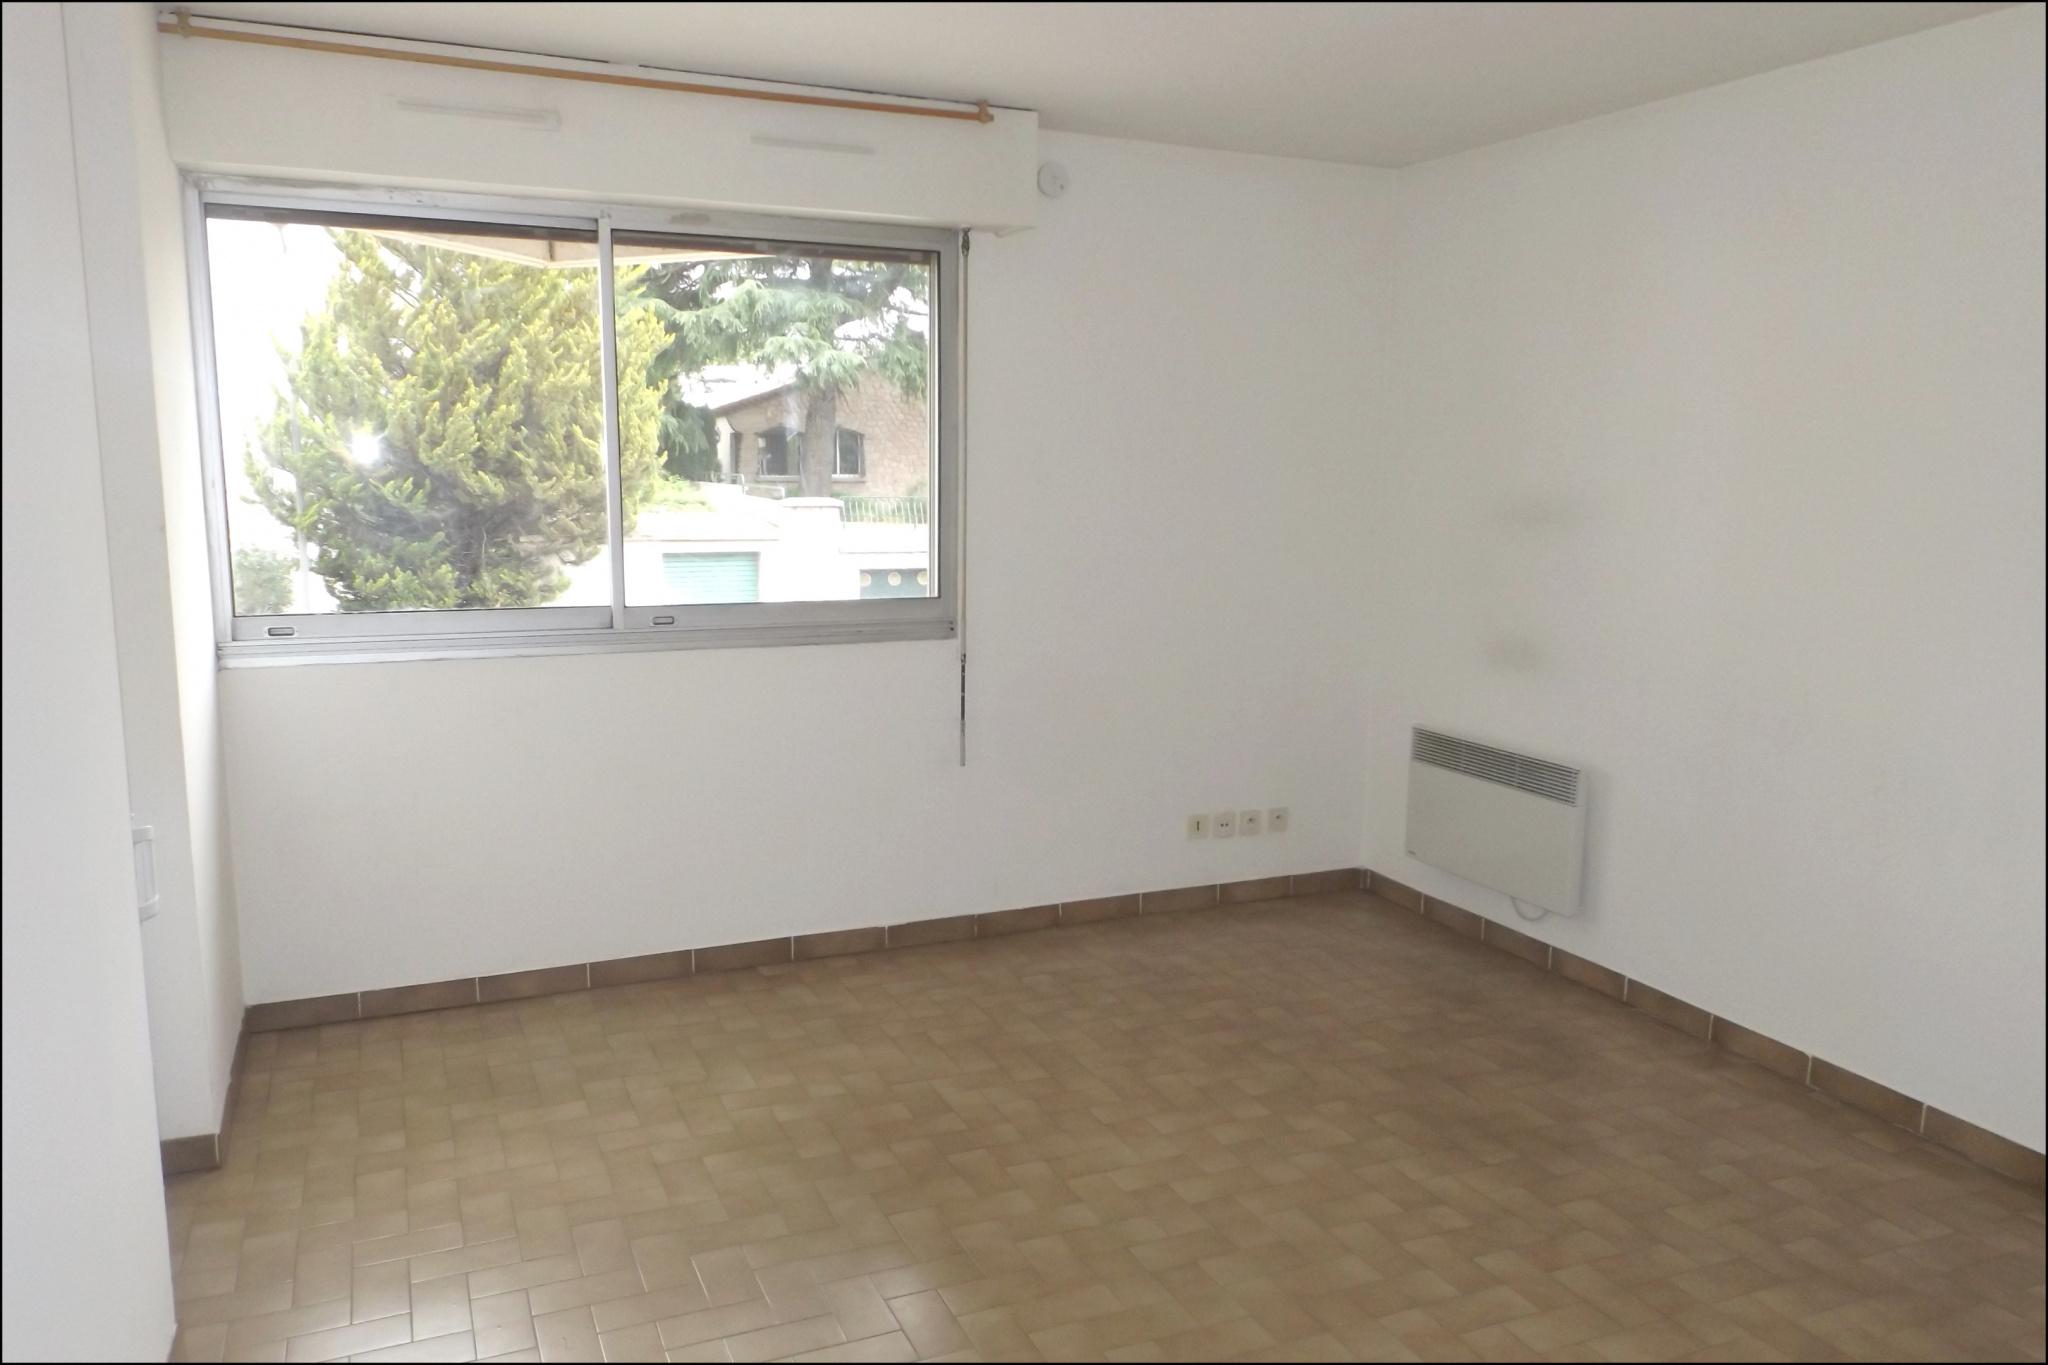 Location Appartement à Montpellier 1 Pièce 22m² 430 Mois Sur Le